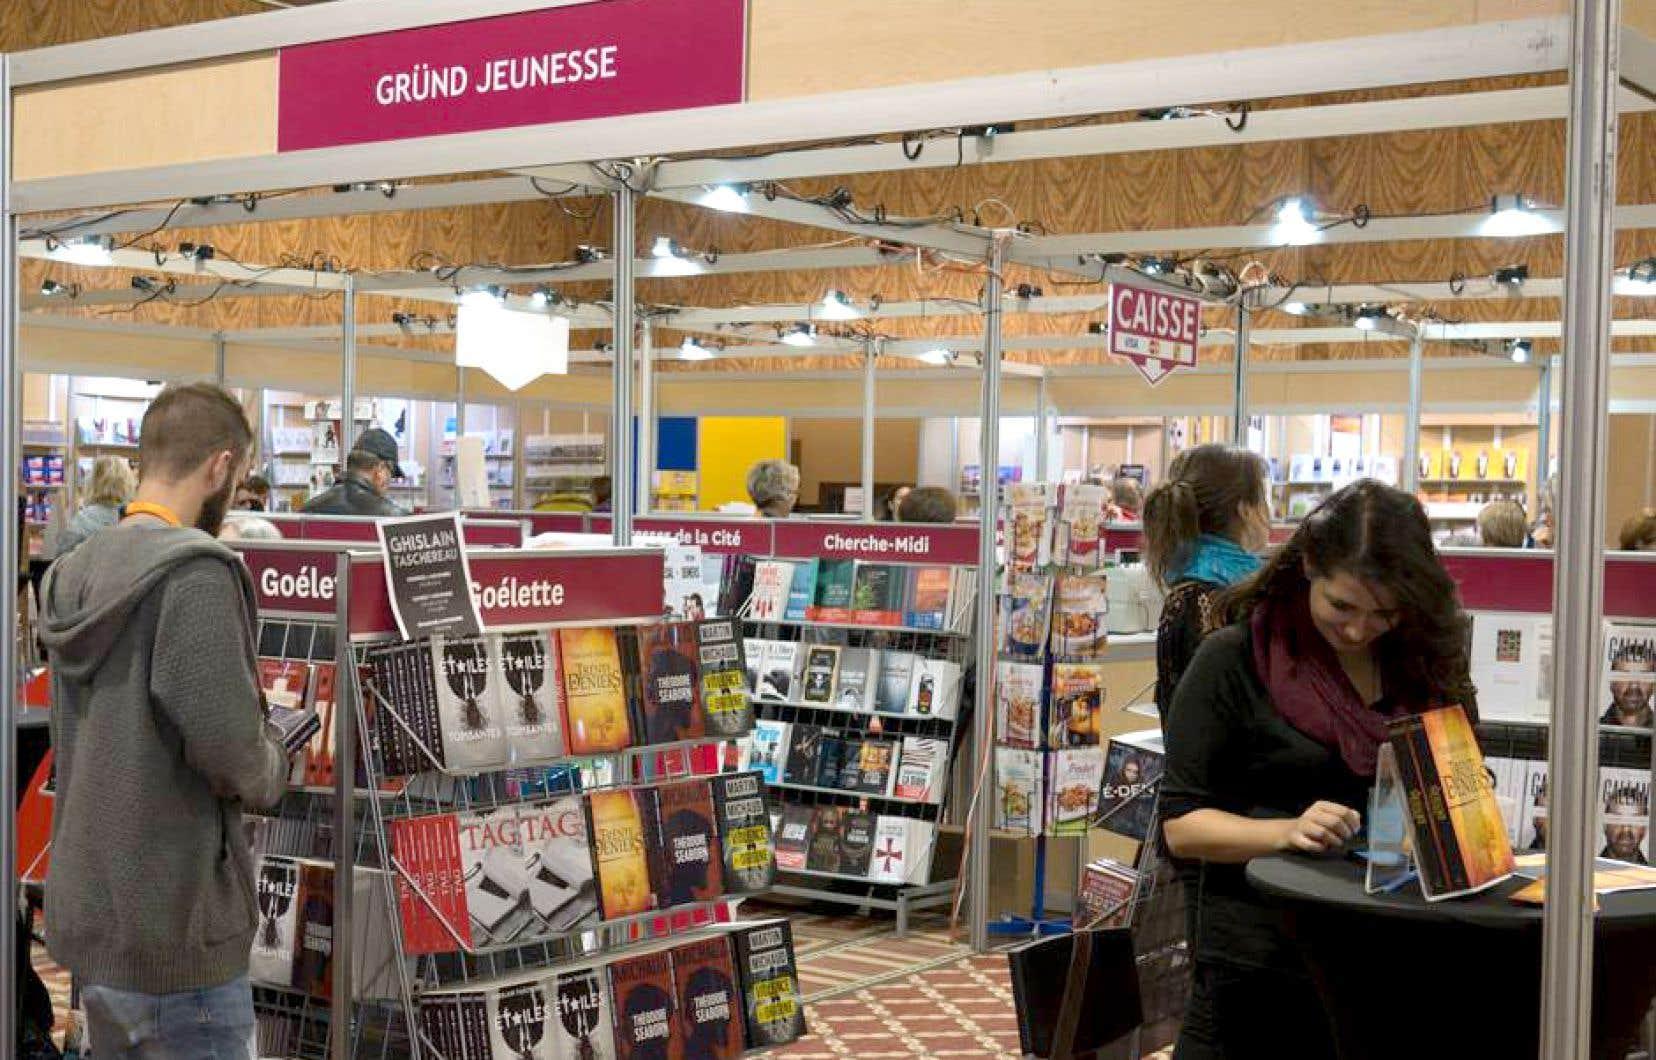 Le Salon du livre de Rimouski, qui ouvre ses portes ce 2 novembre, a décidé de mettre, pour une troisième année de suite, la réflexion et les essais au cœur de ses quatre jours d'activités littéraires.